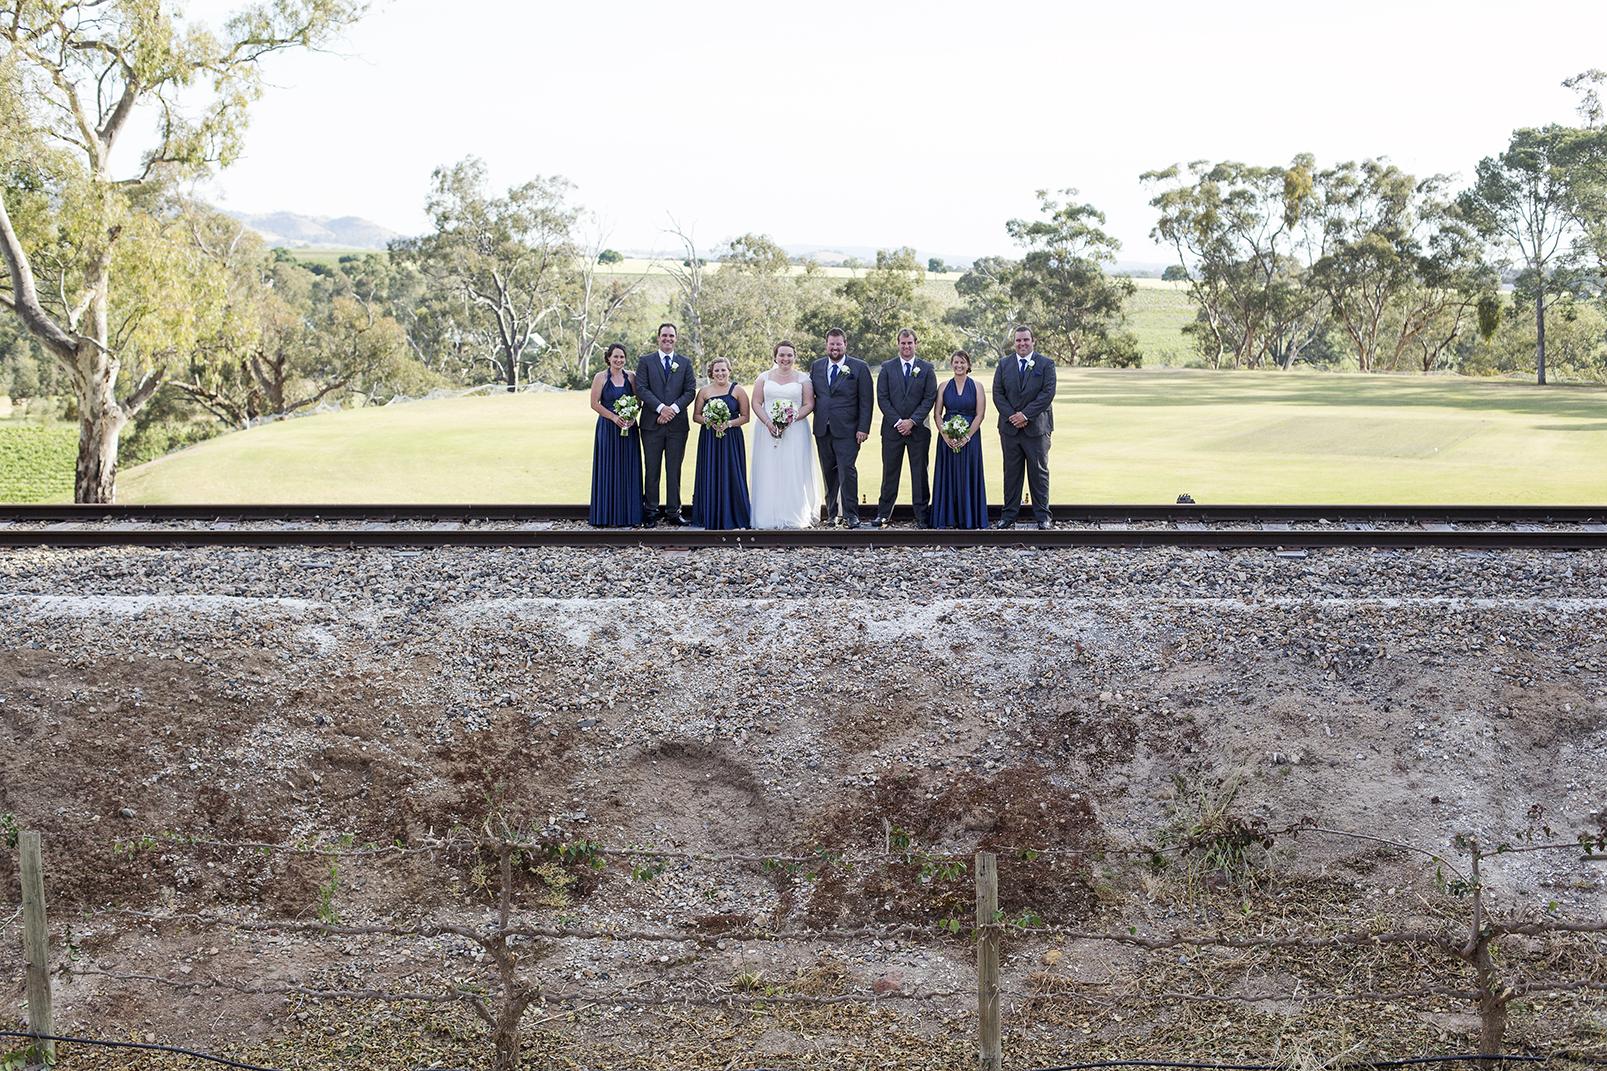 Chateau Tanunda Railway Bridal Party Potrait 02.jpg